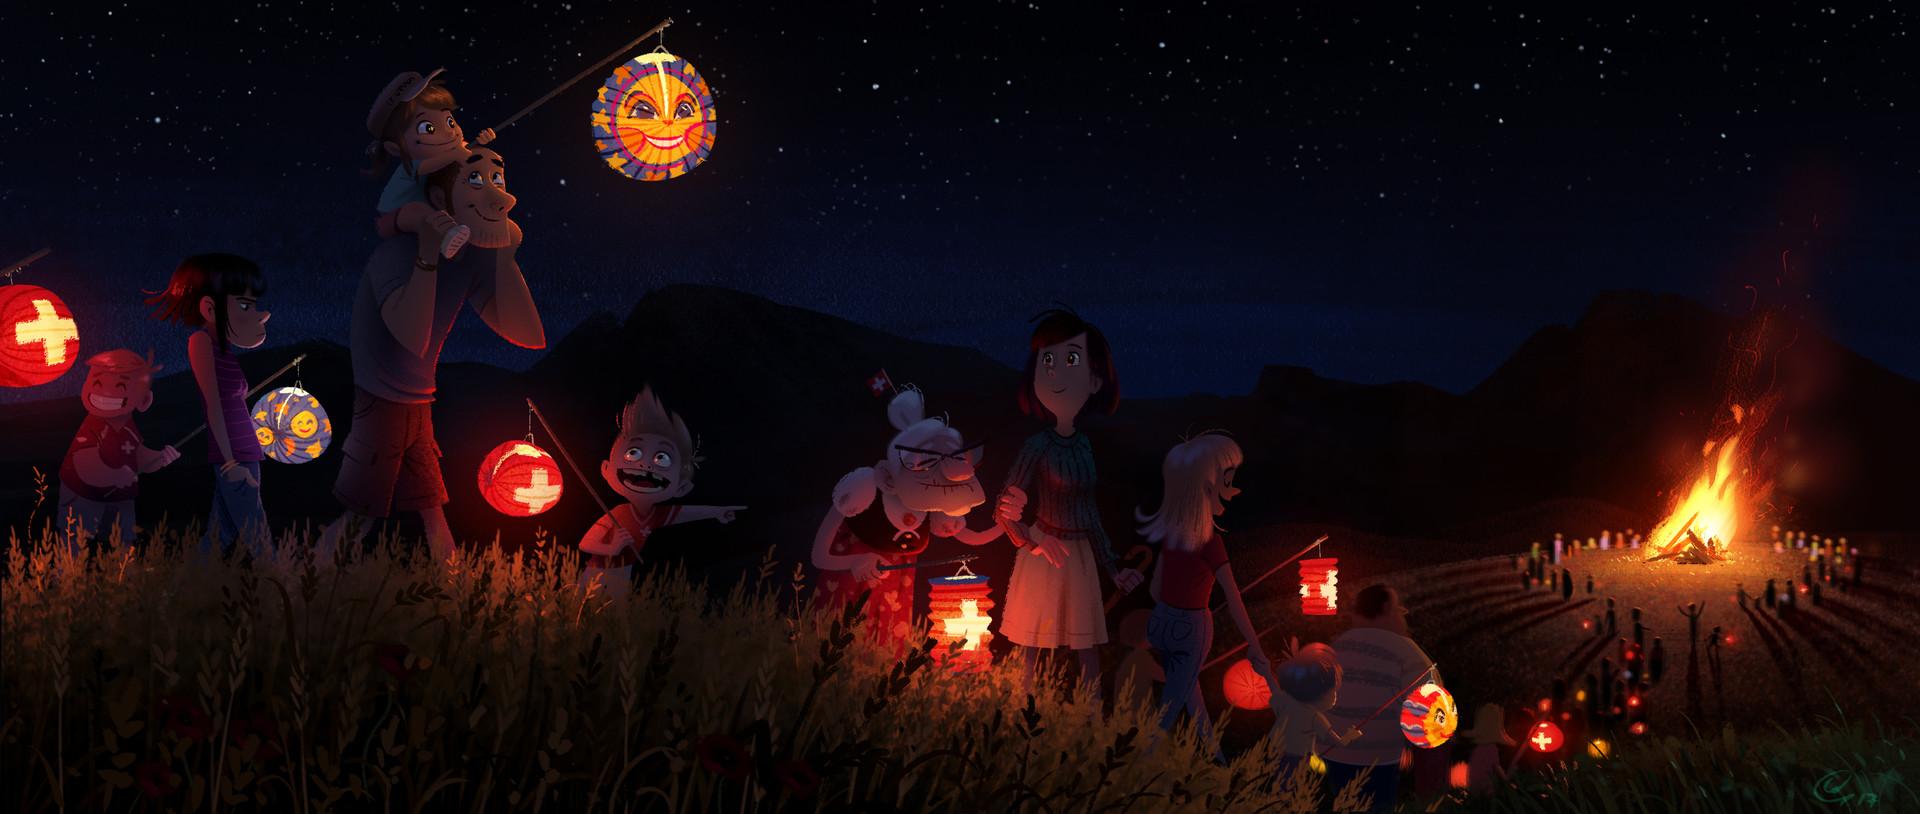 Ludo gavillet lampions 11